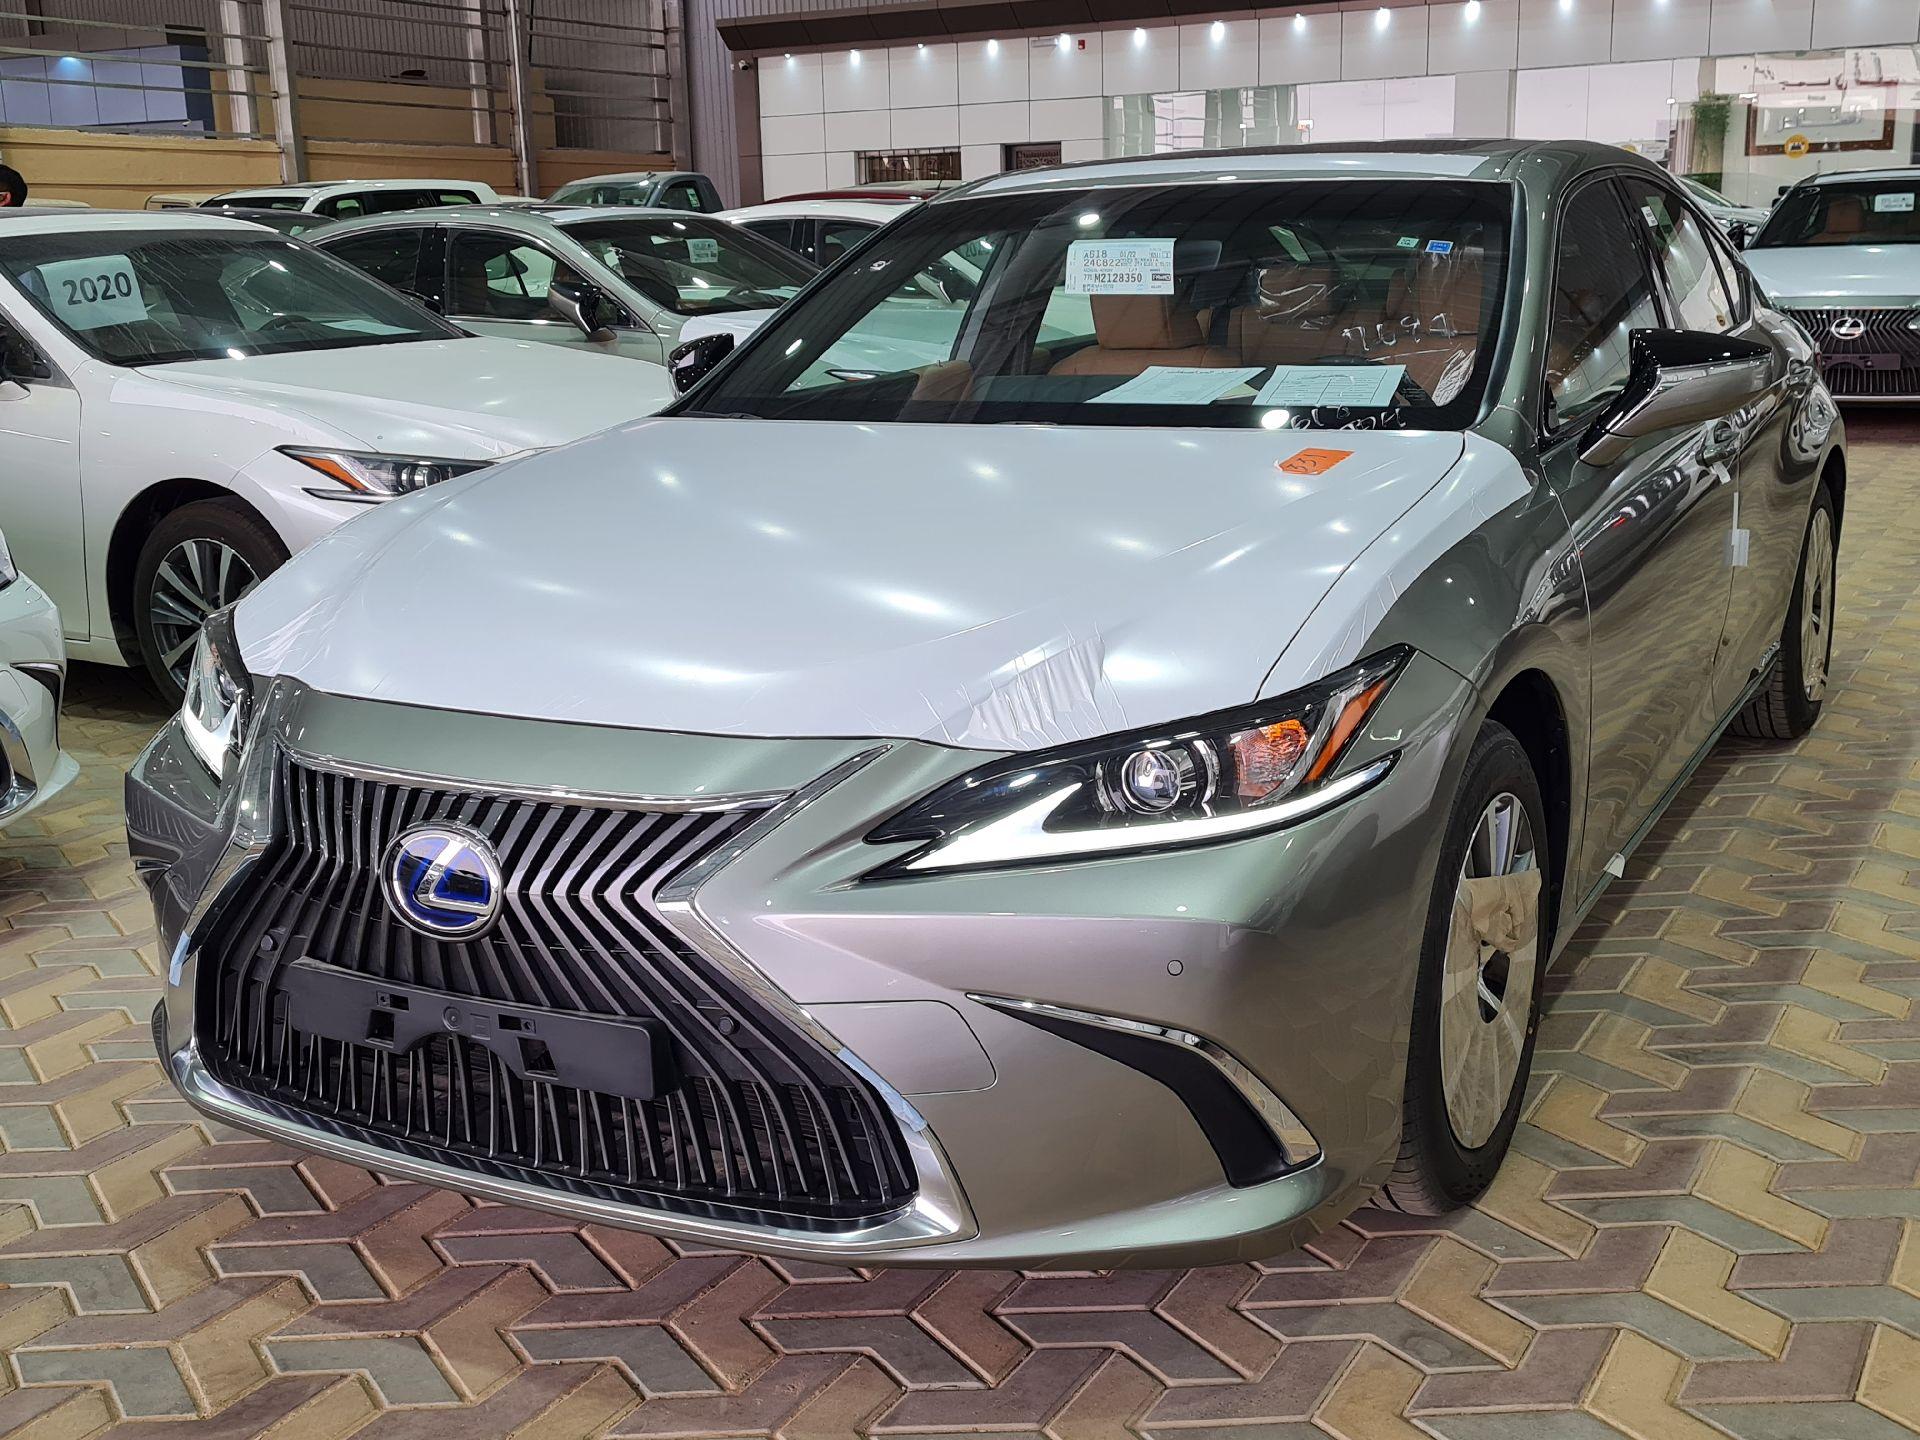 لكزس ES 300H  ستاندر 2021 سعودي جديد للبيع في الرياض - السعودية - صورة كبيرة - 1